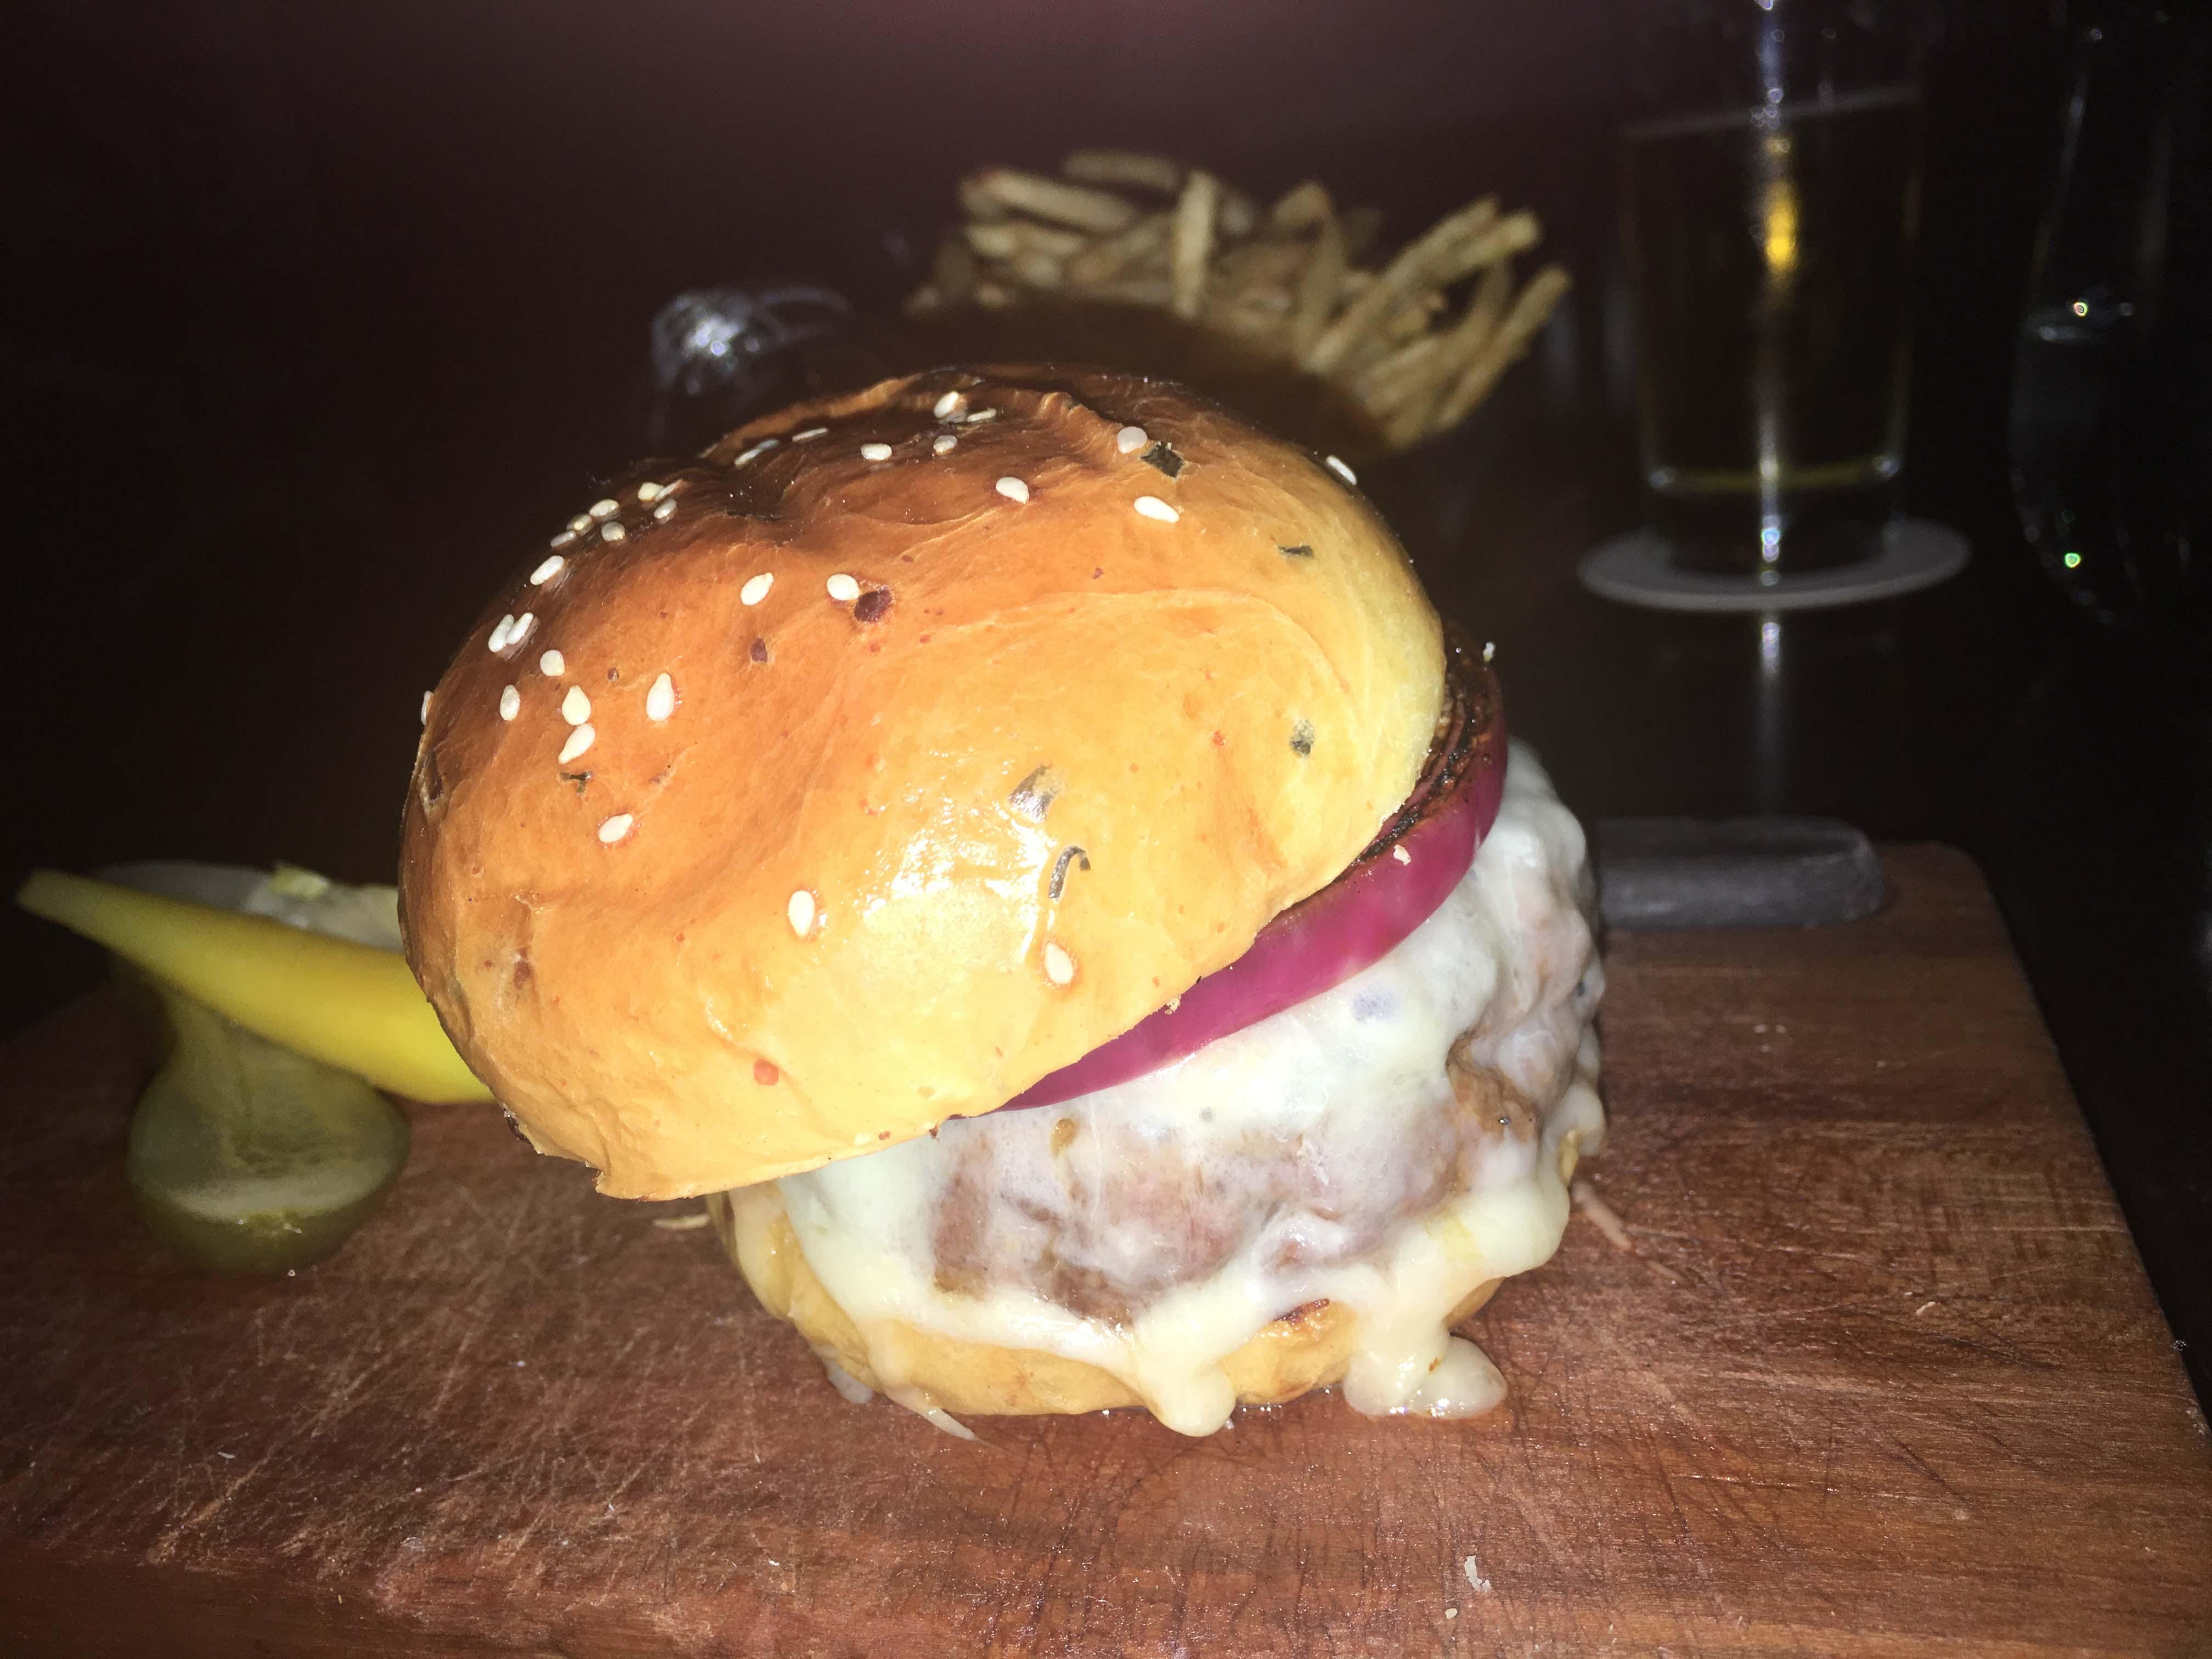 nomad-cheeseburger